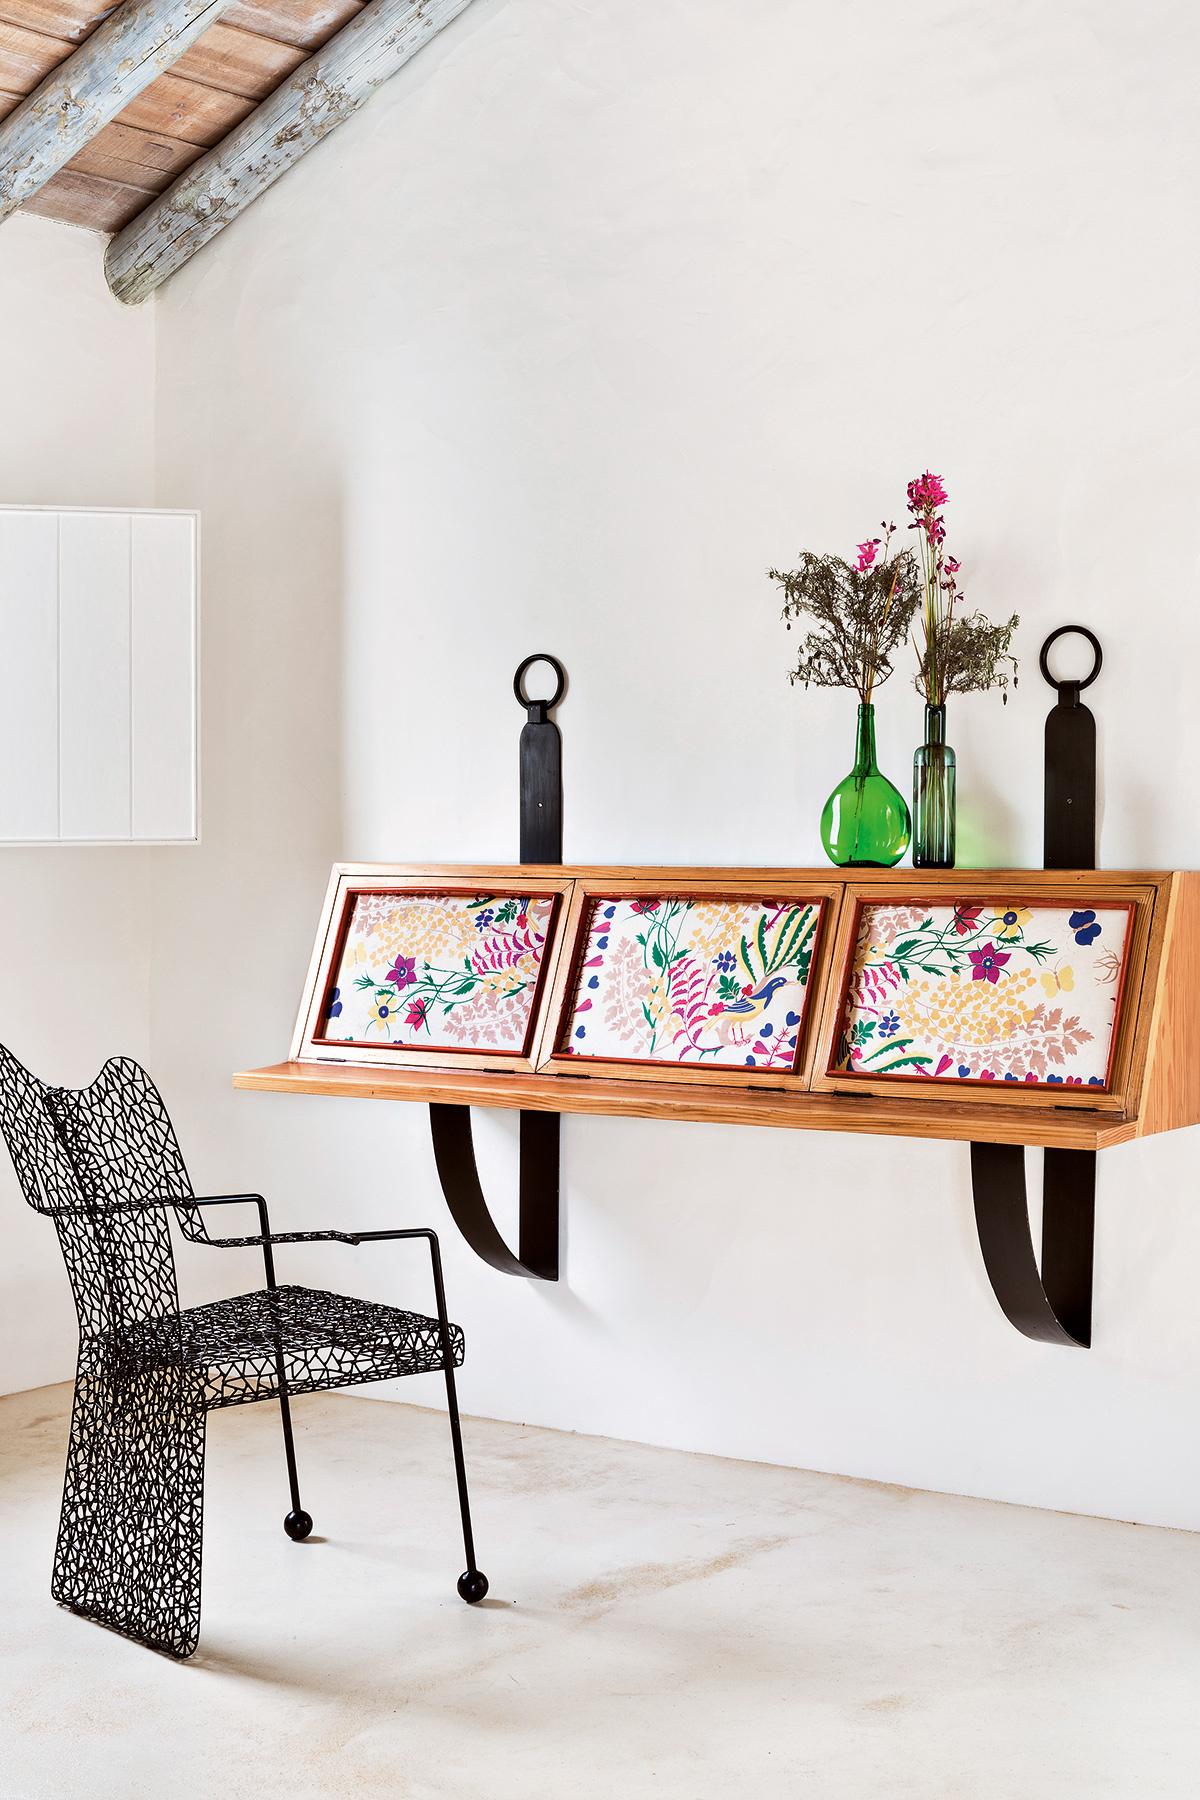 Muebles Portugueses Muebles Dany Muebles Y Objetos Decorativos  # Muebles Potugueses